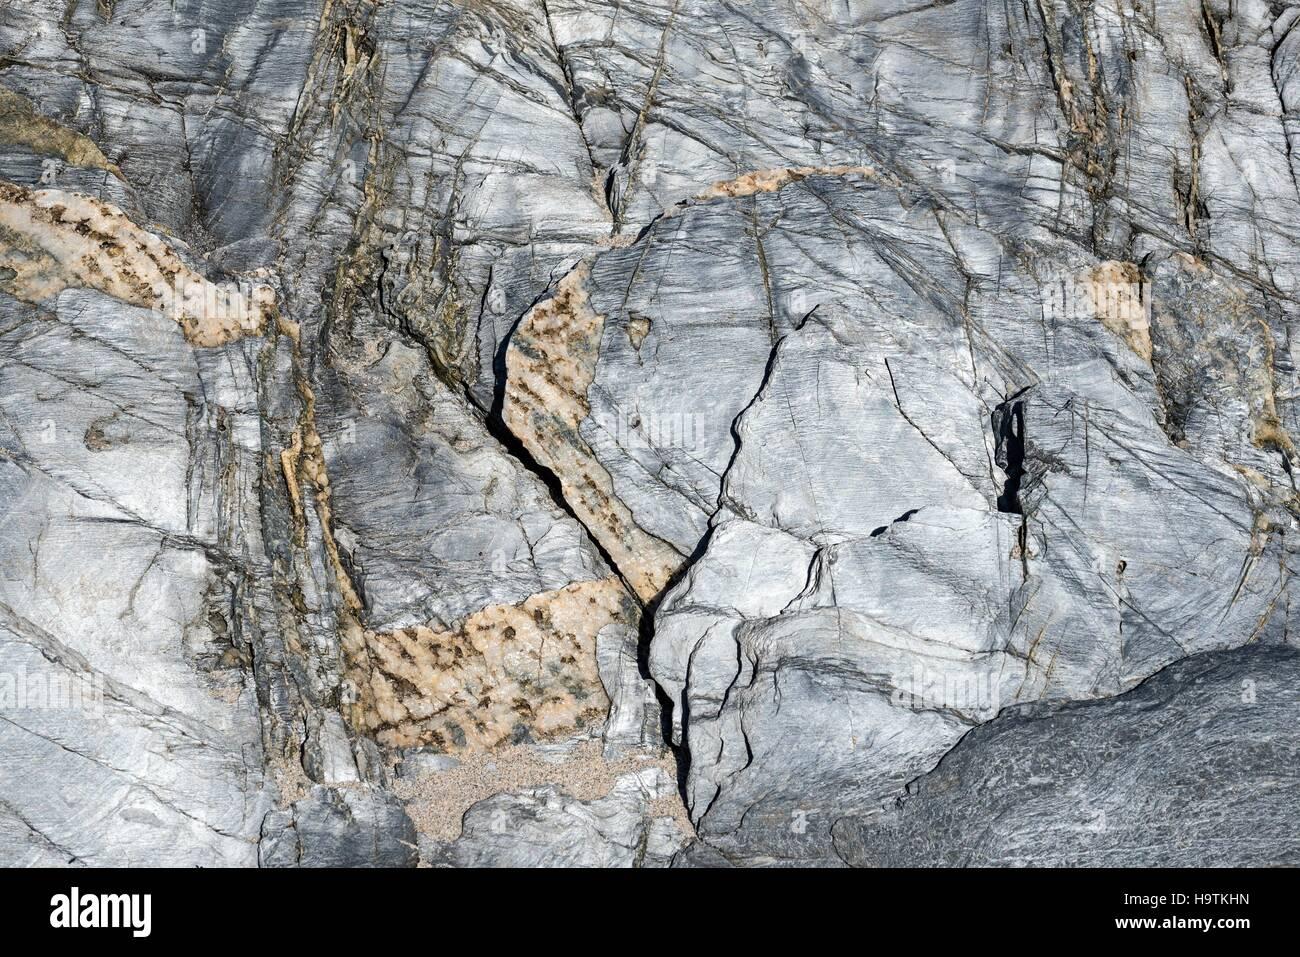 Verwittert und gewaschen-Schiefer, Textur, Isle of Islay, Inneren Hebriden, Schottland, Vereinigtes Königreich Stockbild